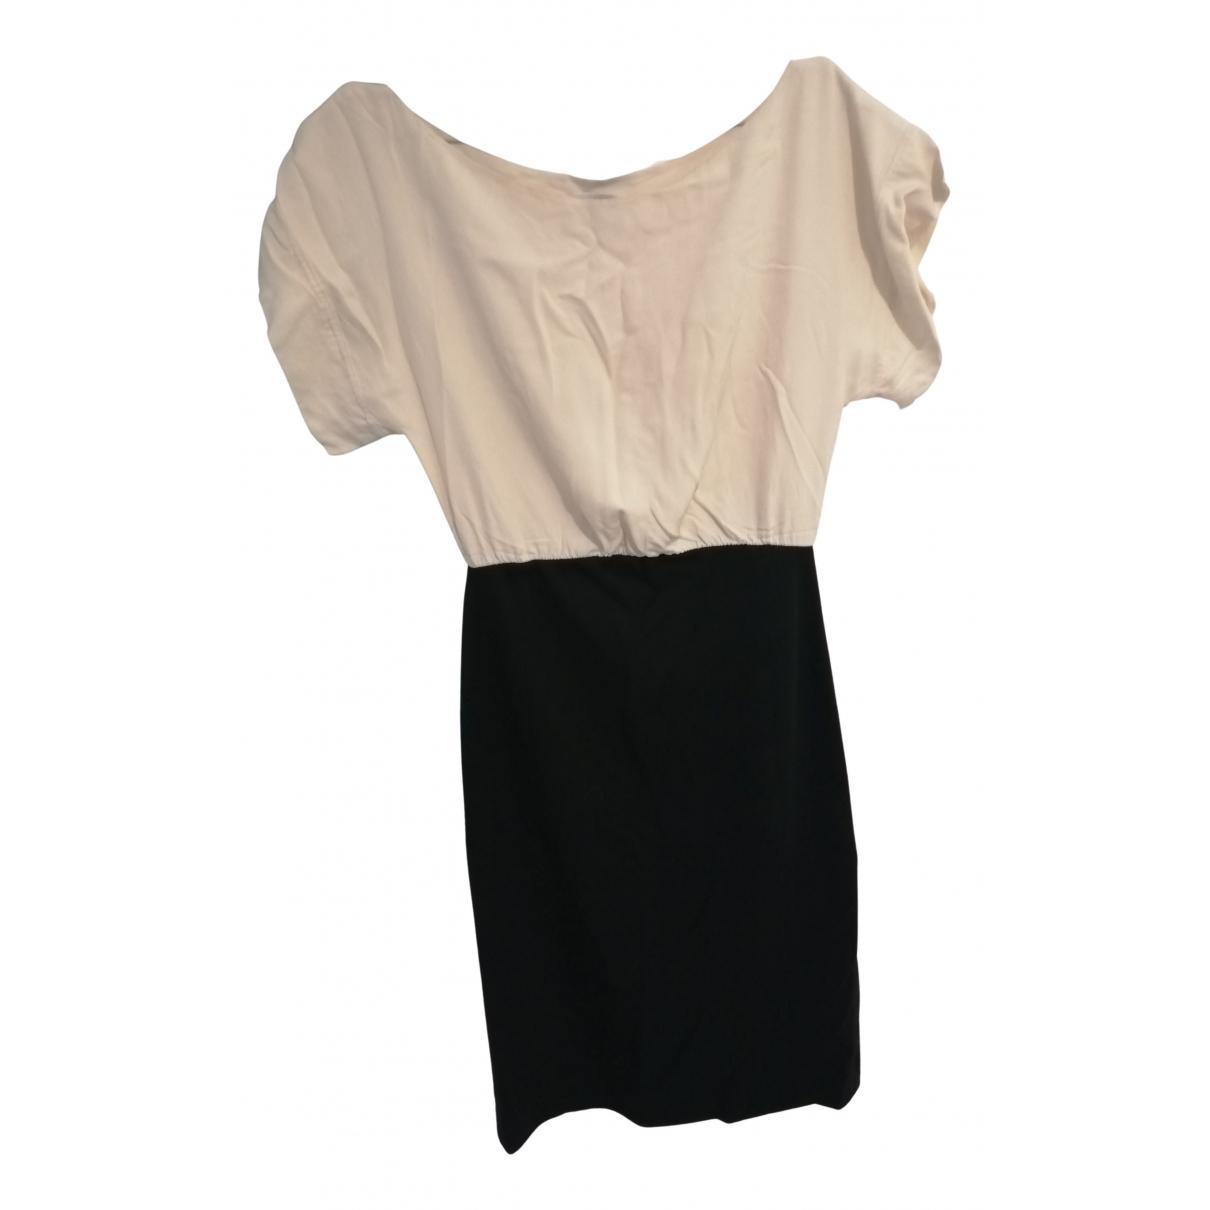 Paul & Joe \N Kleid in  Beige Baumwolle - Elasthan